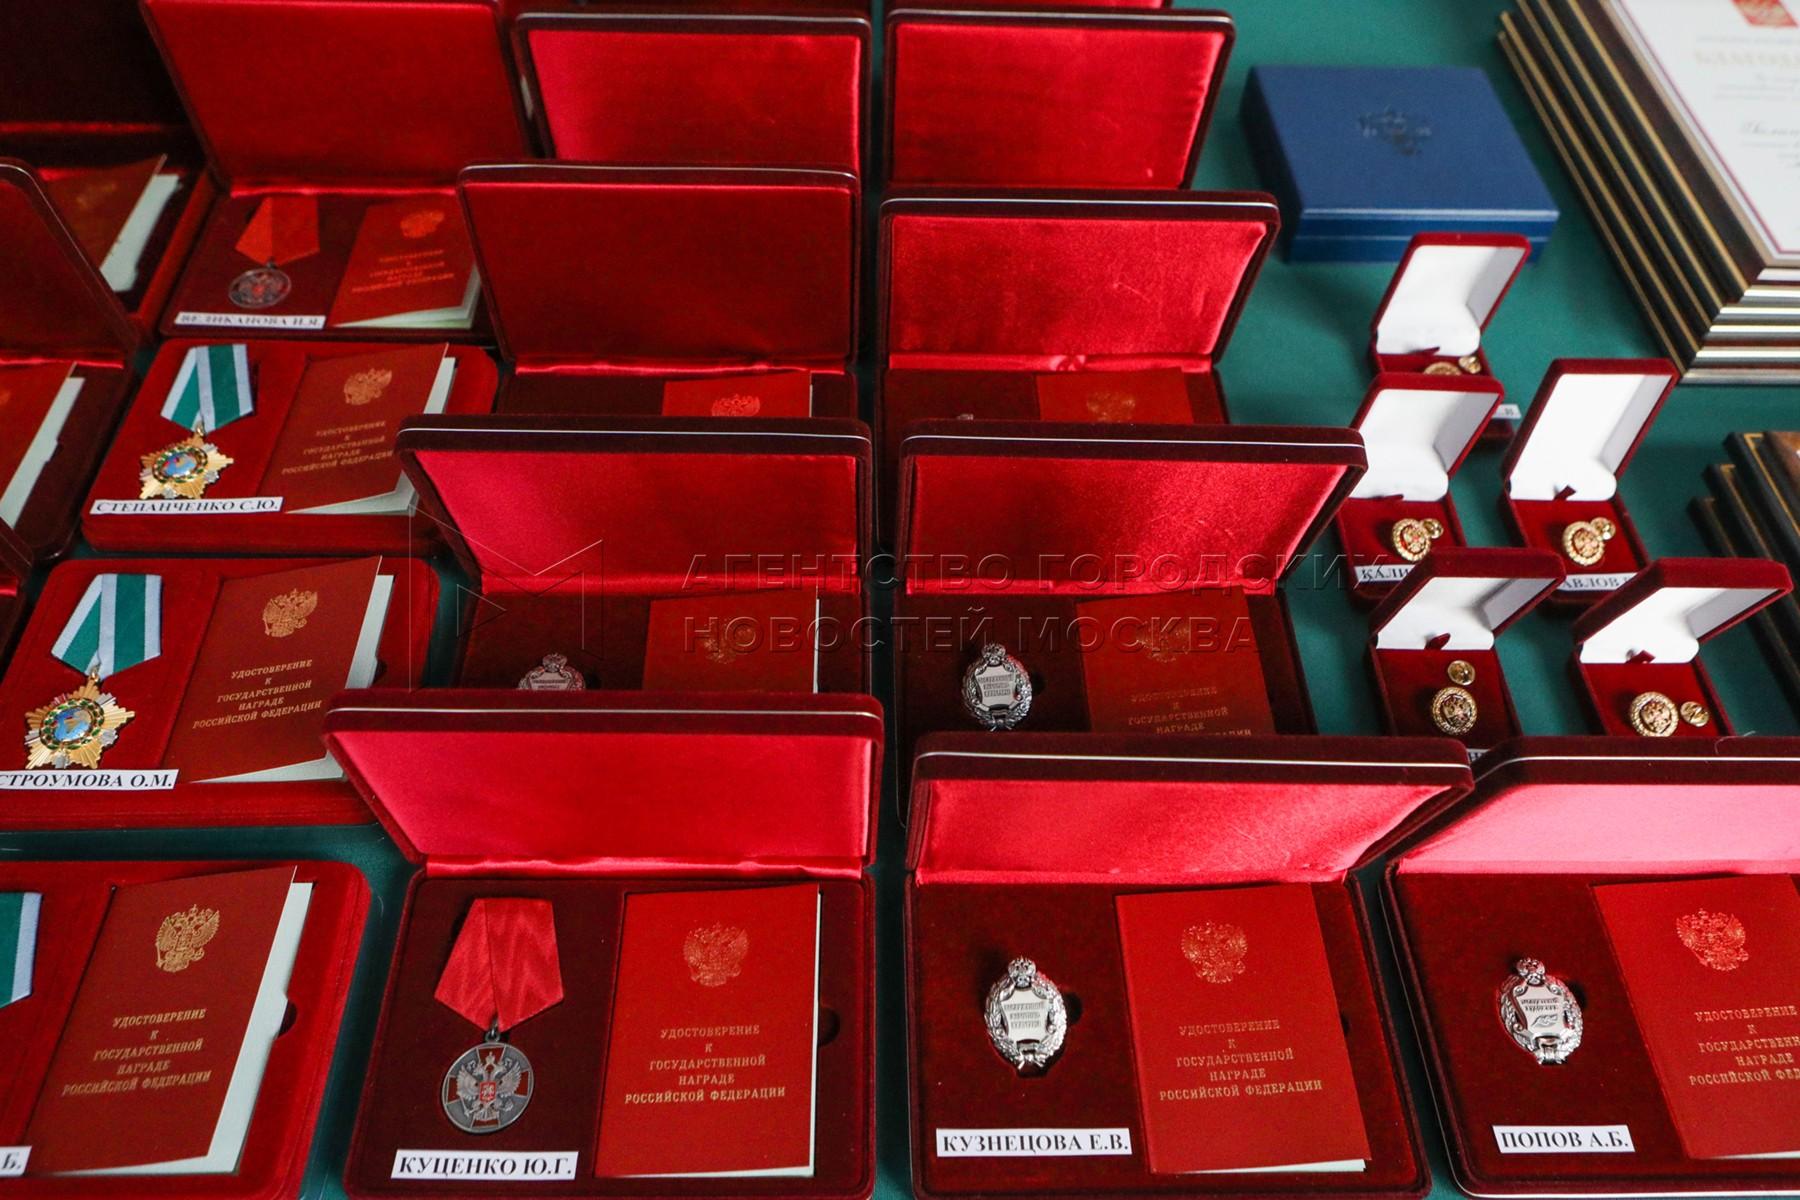 Награждение деятелей культуры и искусства государственными наградами РФ.